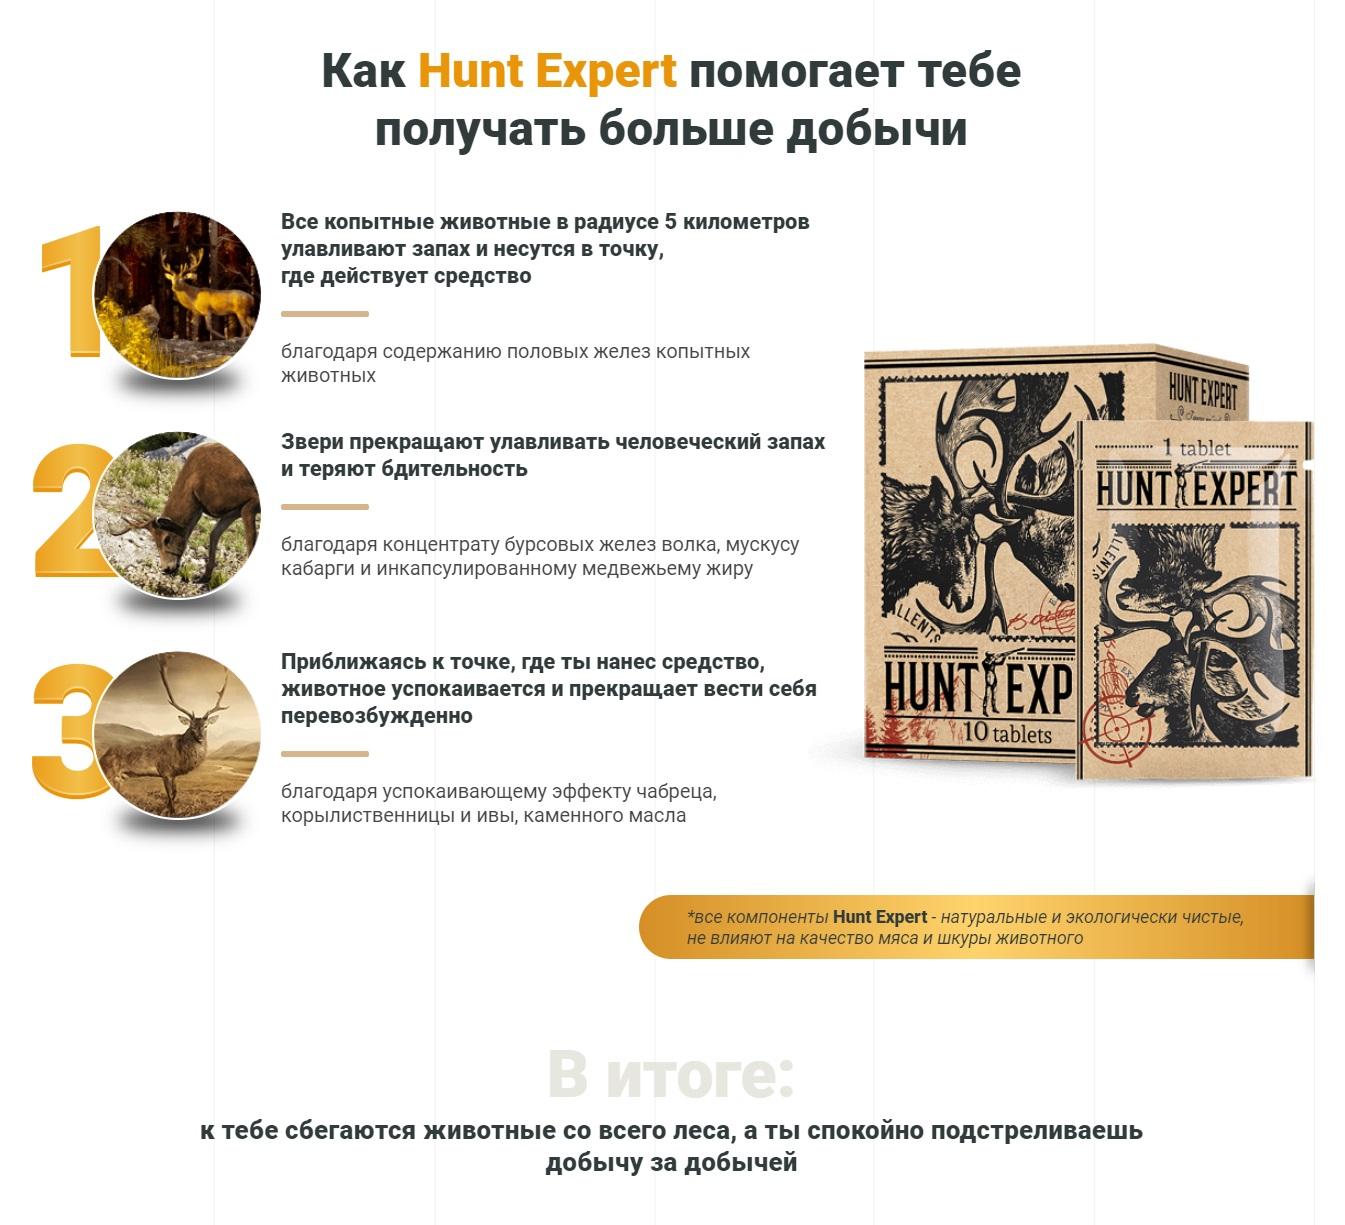 Как работает приманка Hunt Expert